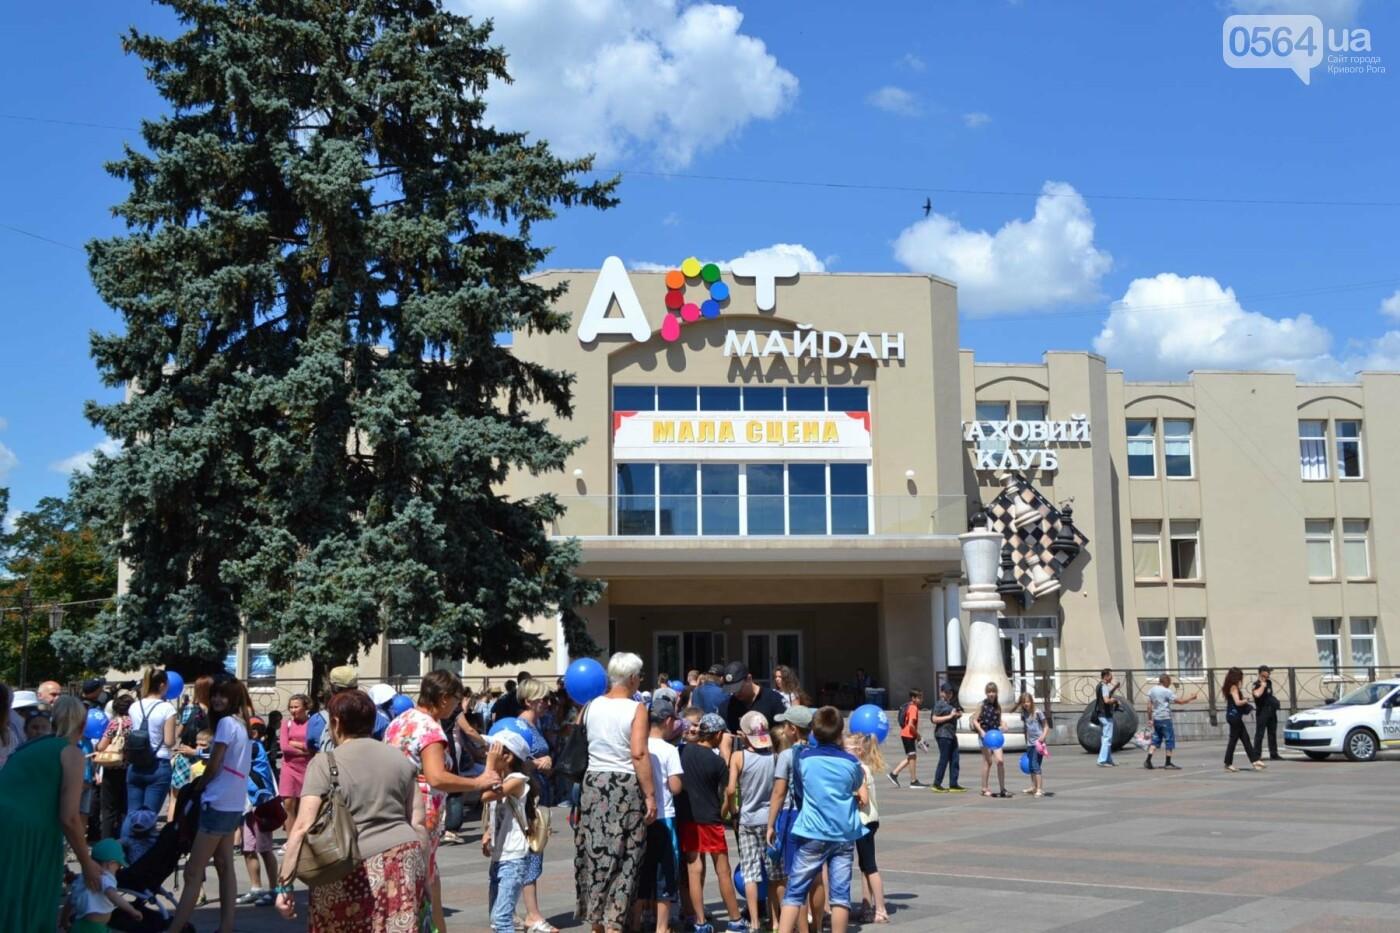 Патрульная полиция Кривого Рога отметила свой День рождения с детворой,- ФОТО, фото-11